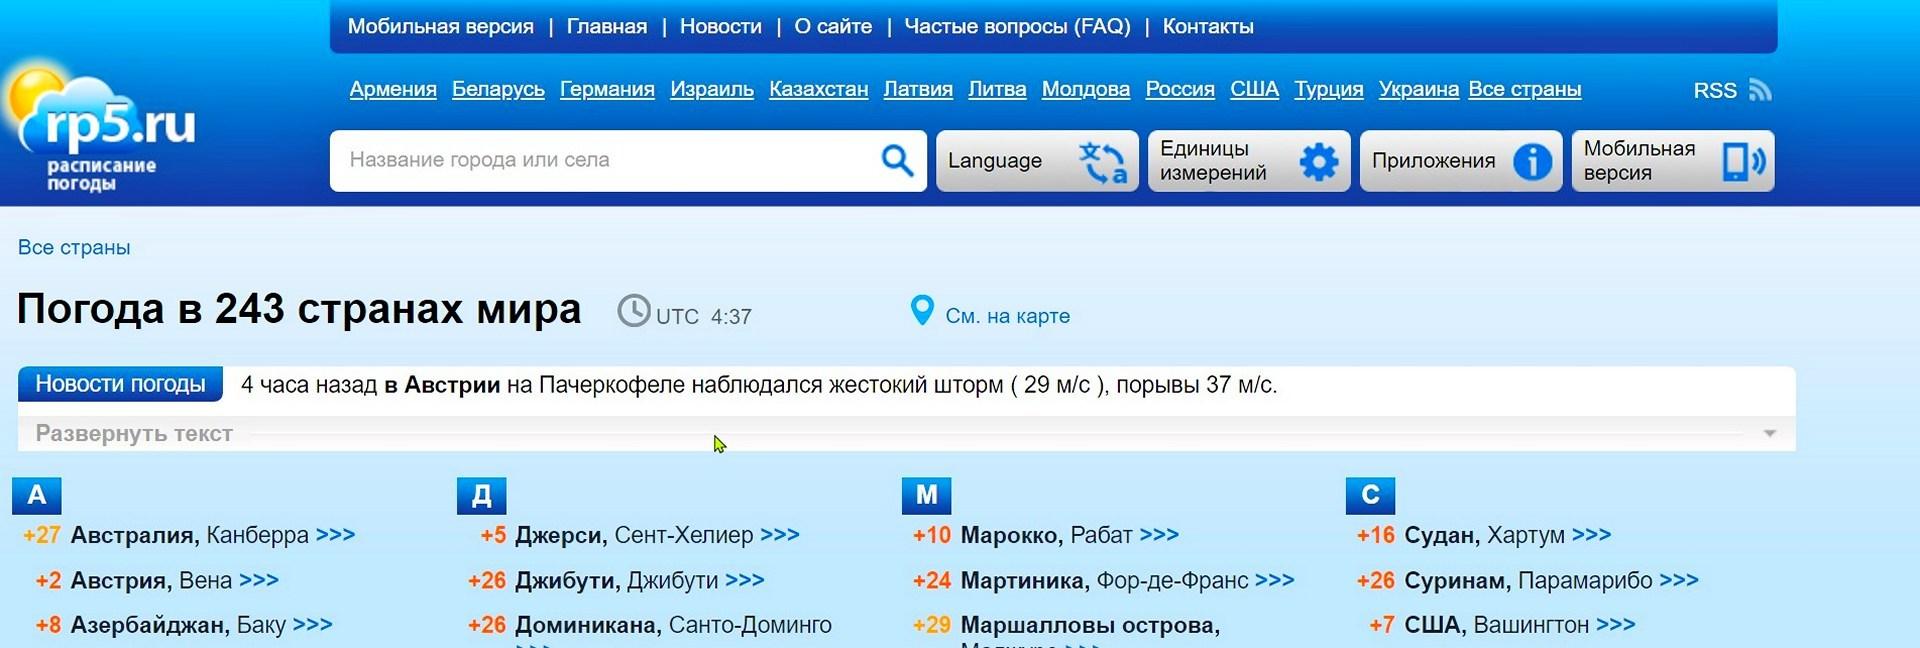 точный сайт прогноза погоды rp5.ru